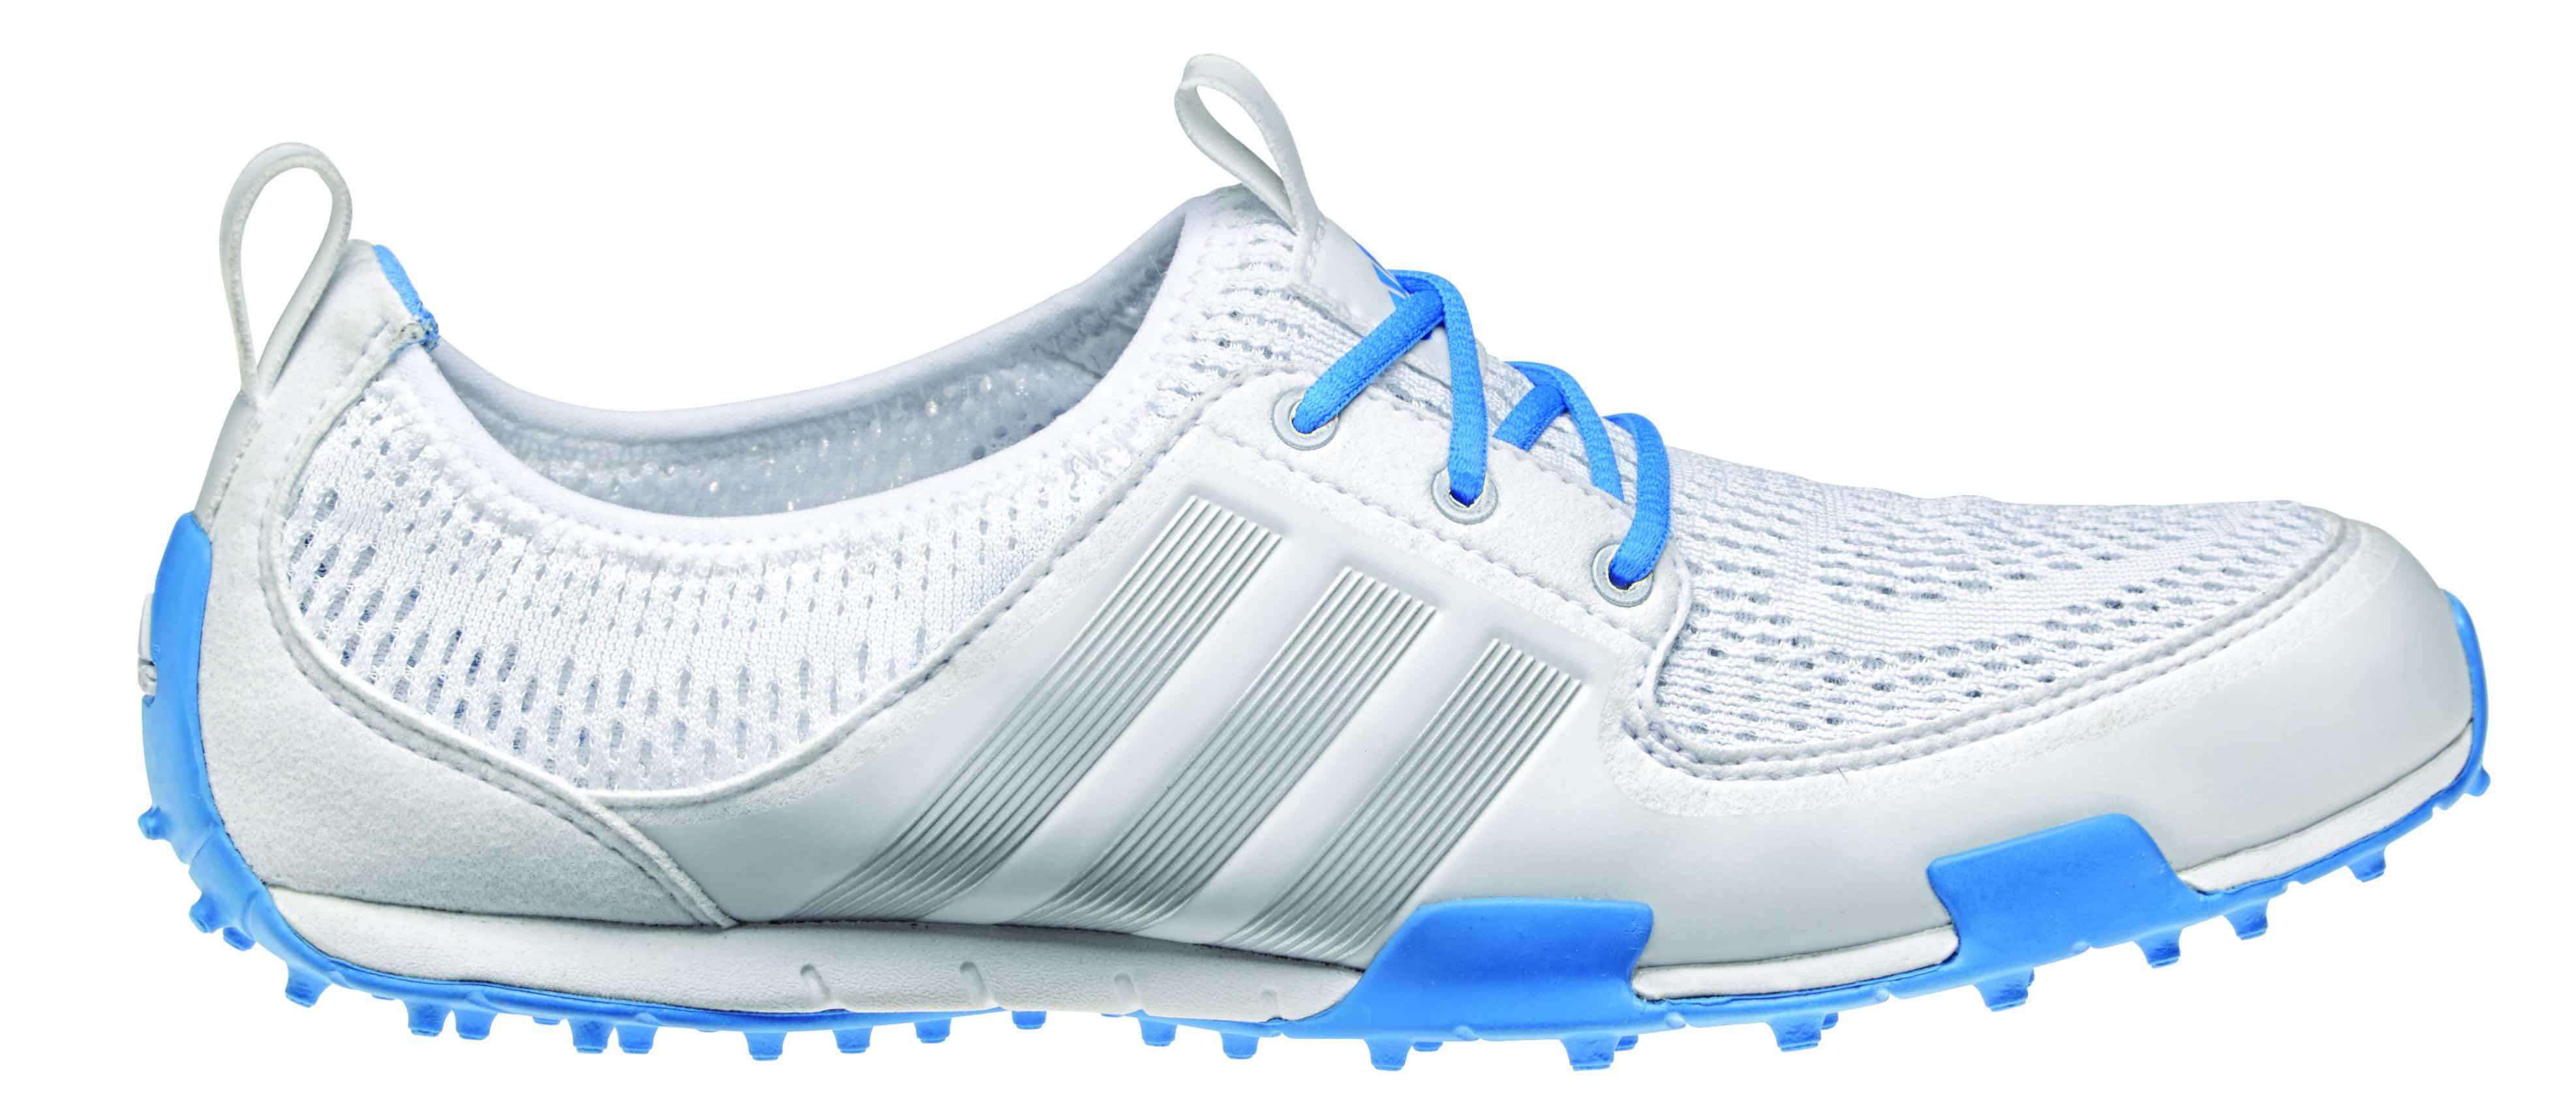 Adidas Climacool Ballerina II Golf Shoes